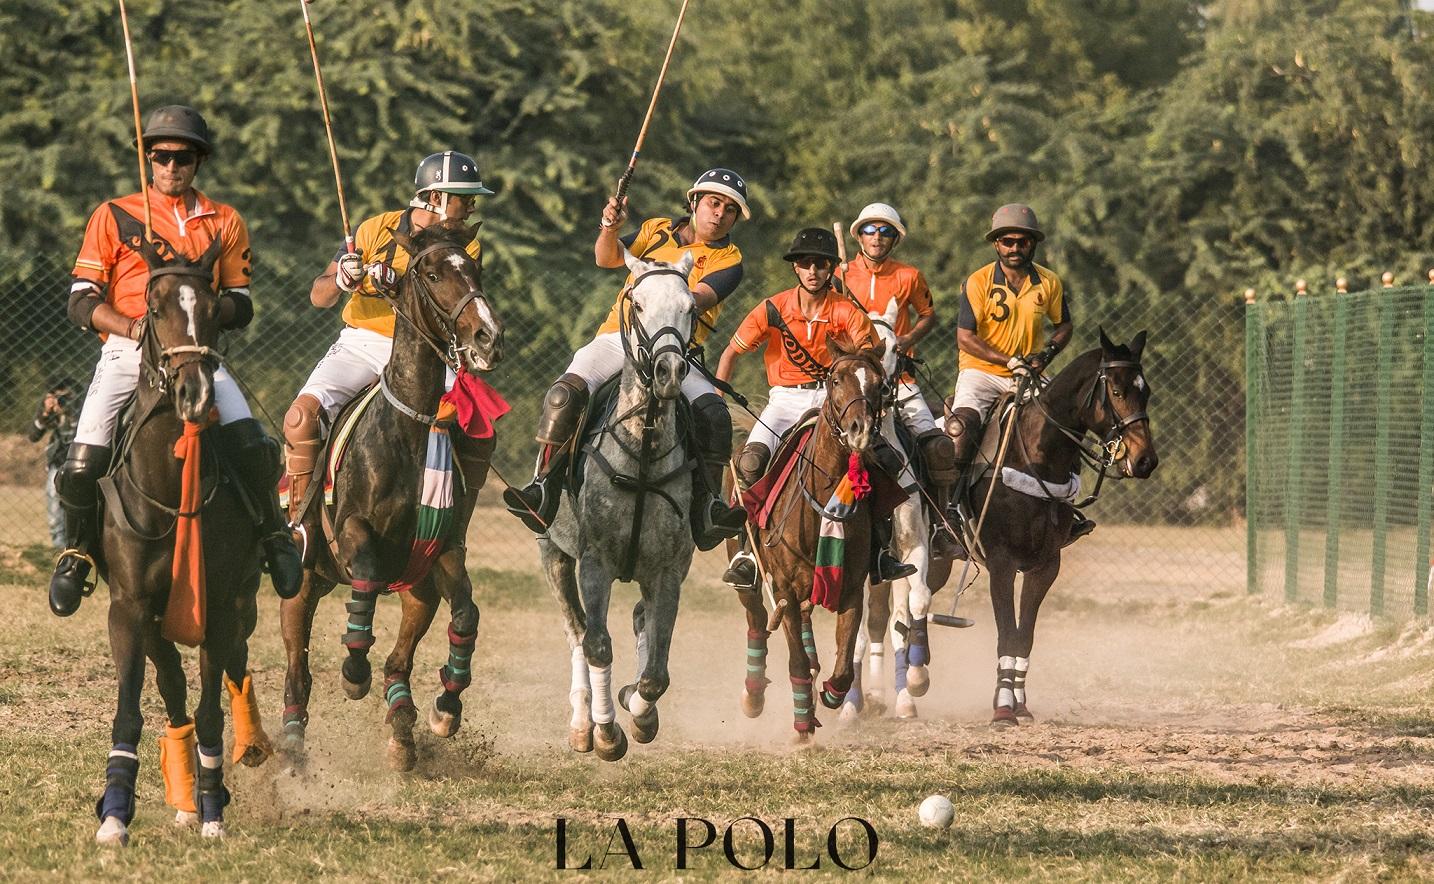 polo-in-india-polo-in-jodhpur-polo-season-lapolo